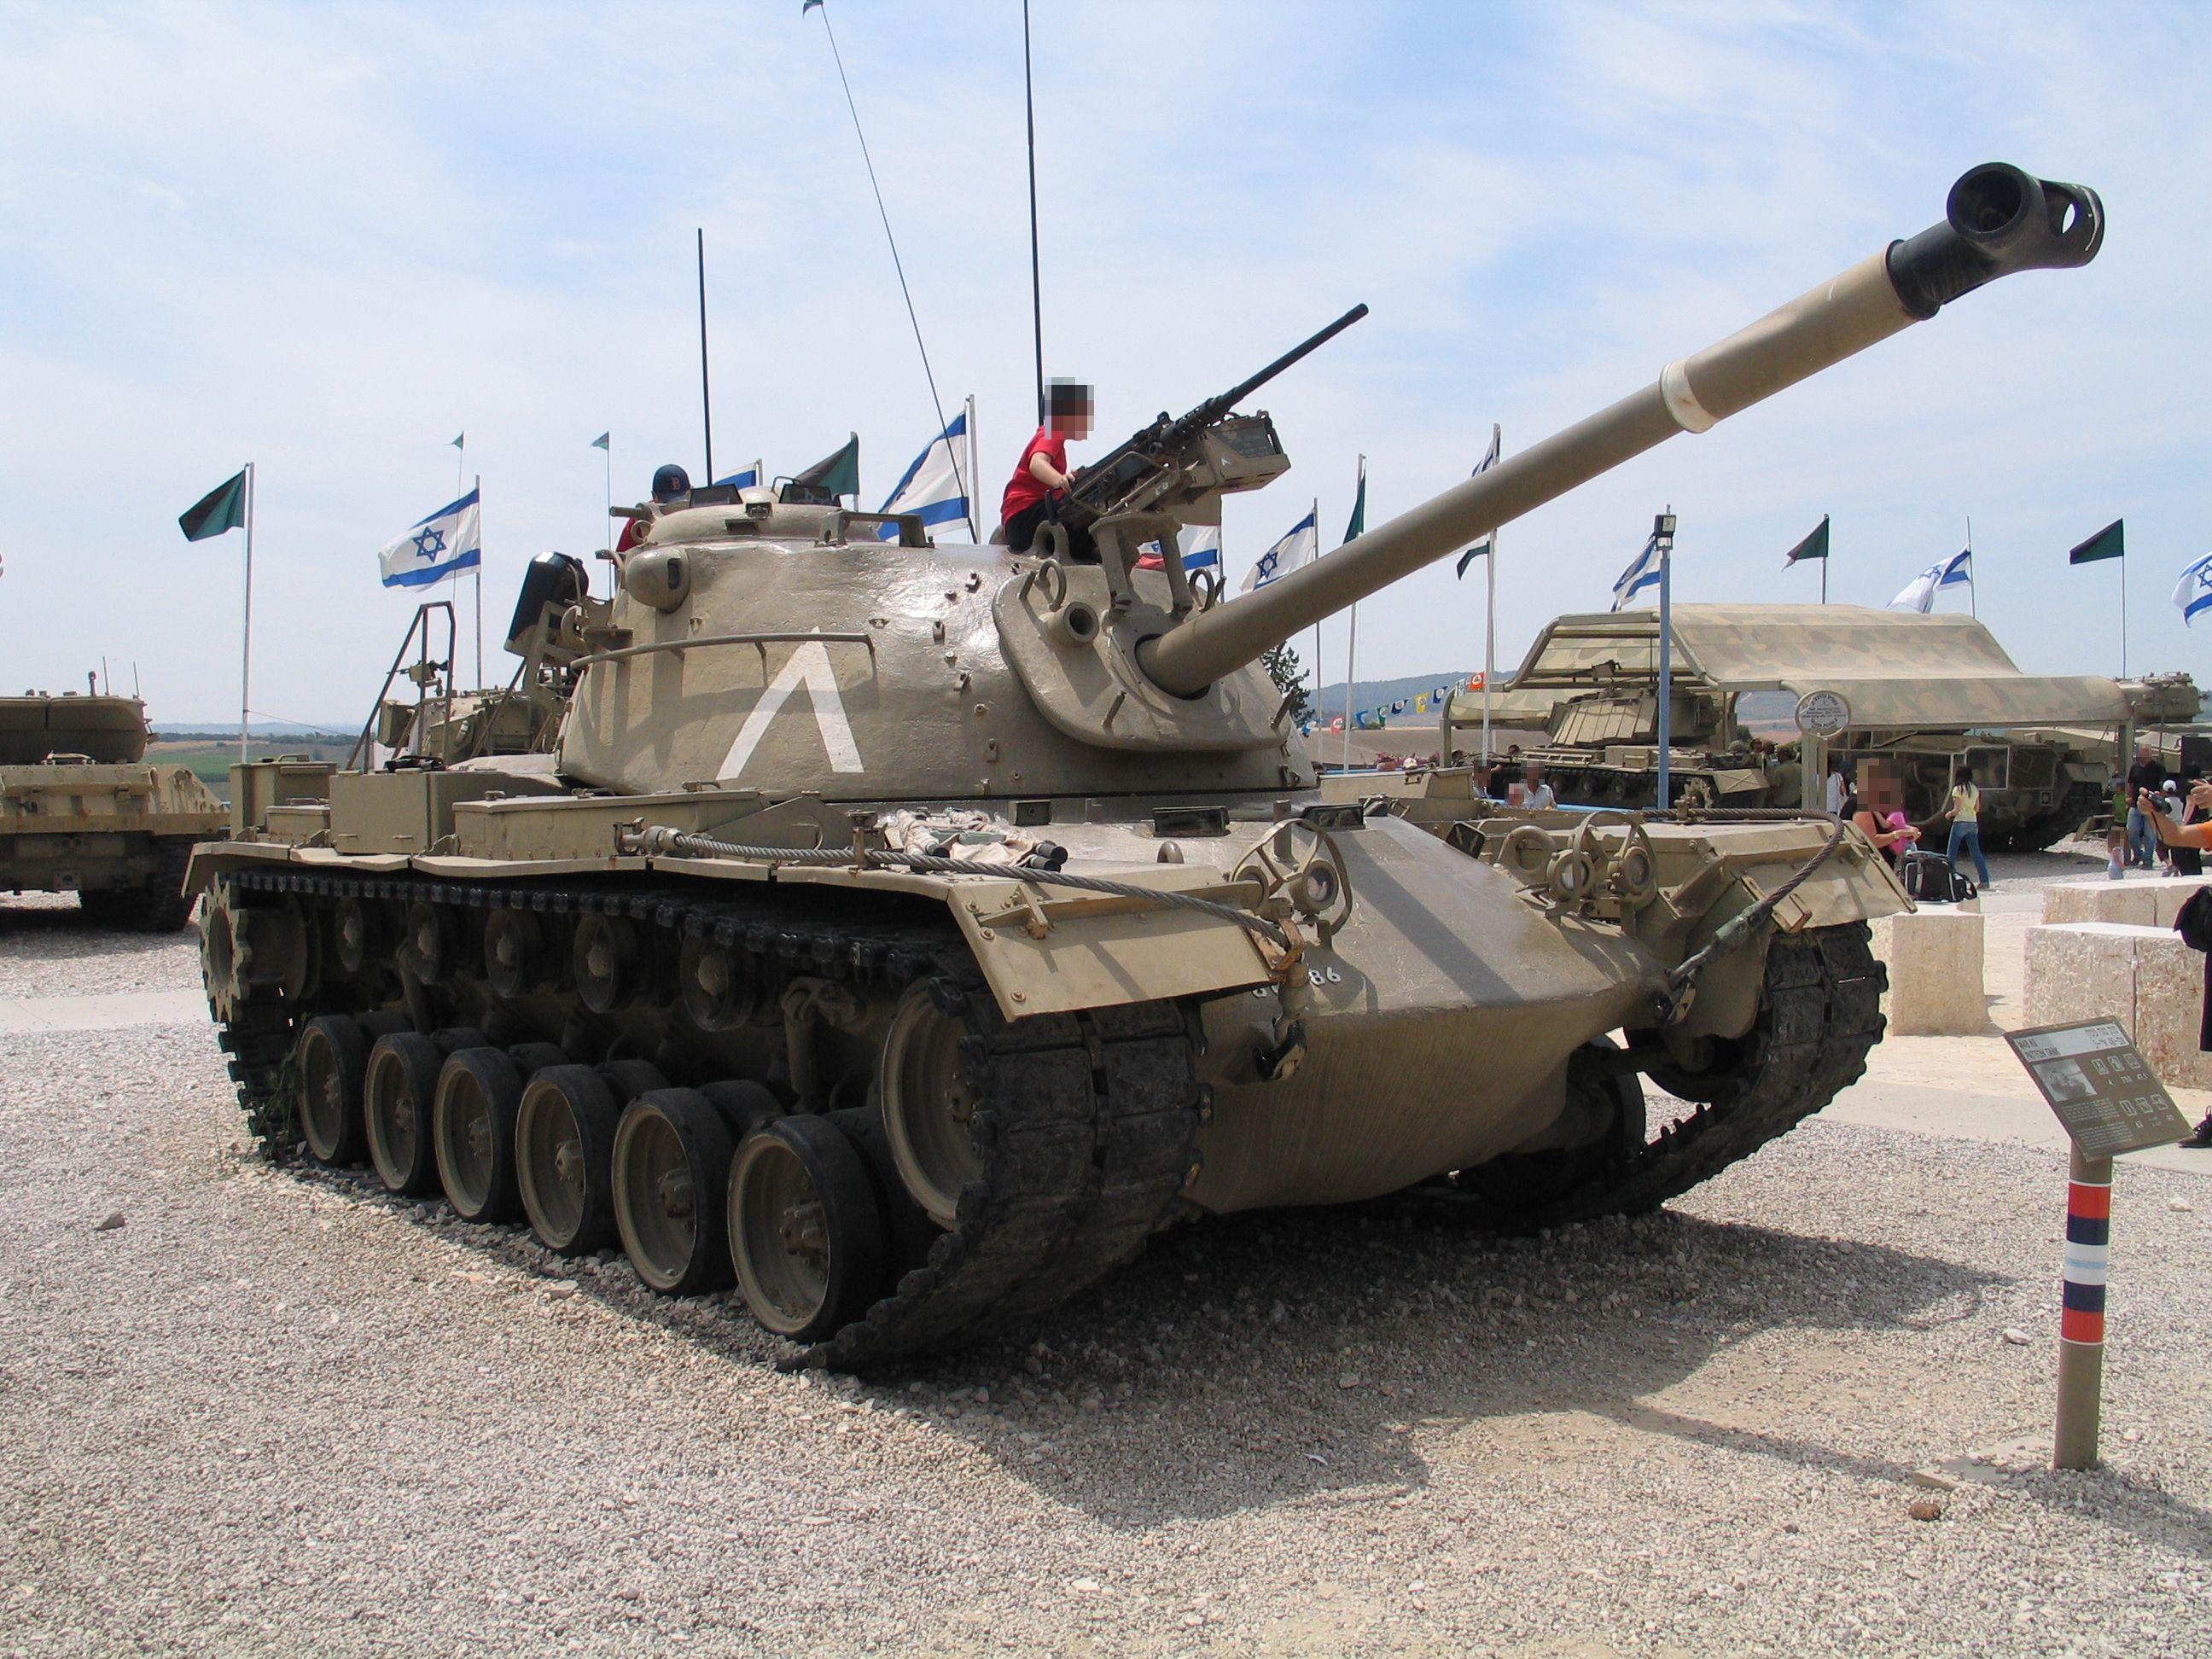 https://upload.wikimedia.org/wikipedia/commons/5/5c/M48A3-Patton-latrun-1-3.jpg